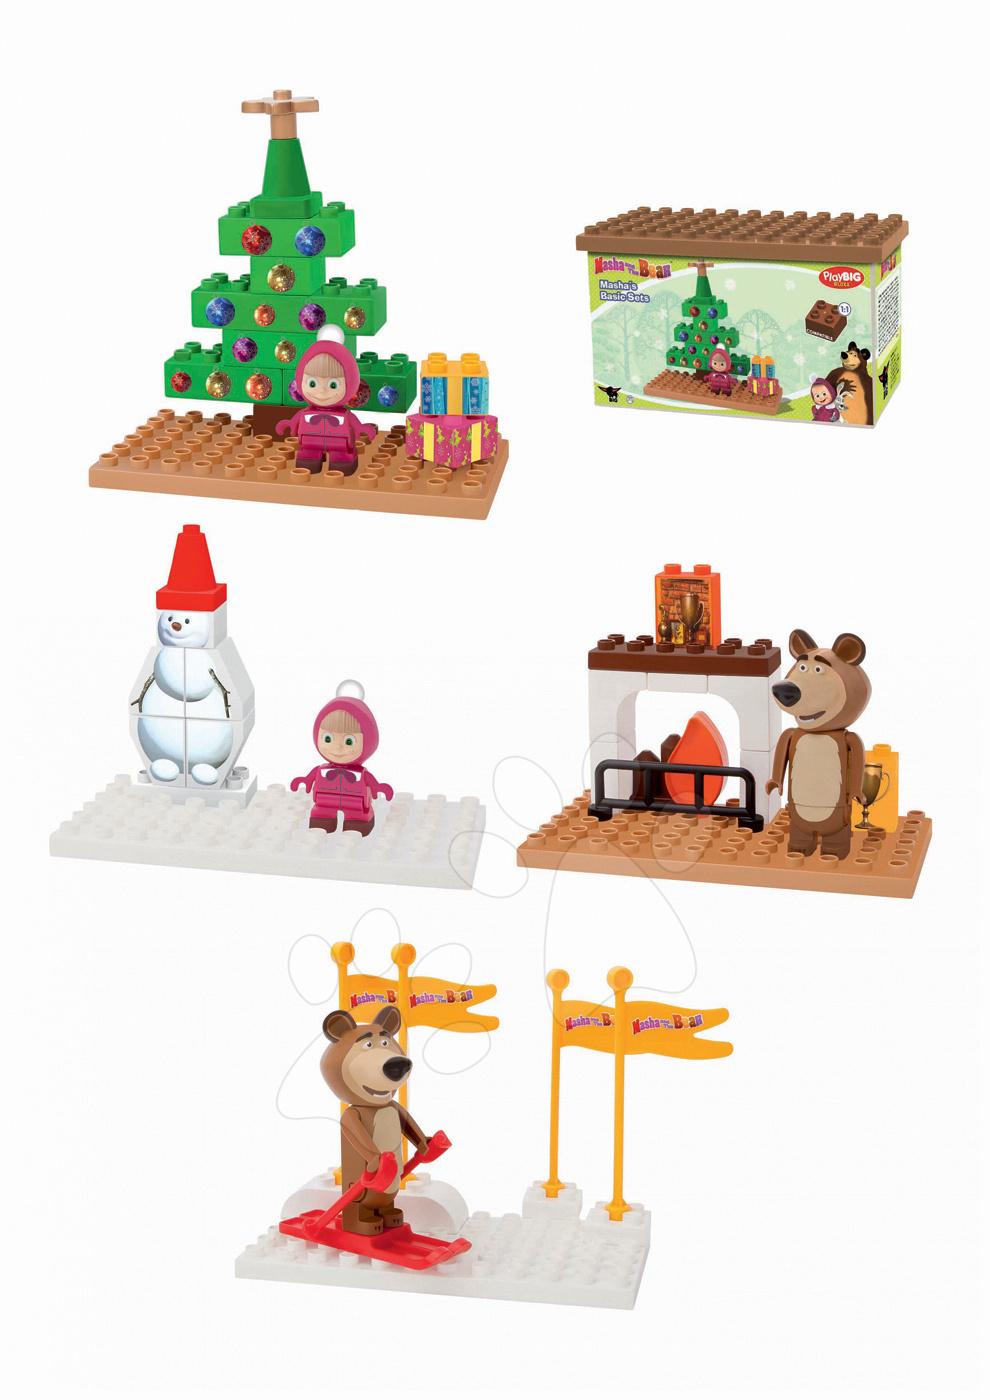 Építőjáték Mása és a medve PlayBIG Bloxx karácsonyfa alatt/hóemberrel/síelő/kandalló mellett 9-14 darabos 1,5-5 évesnek